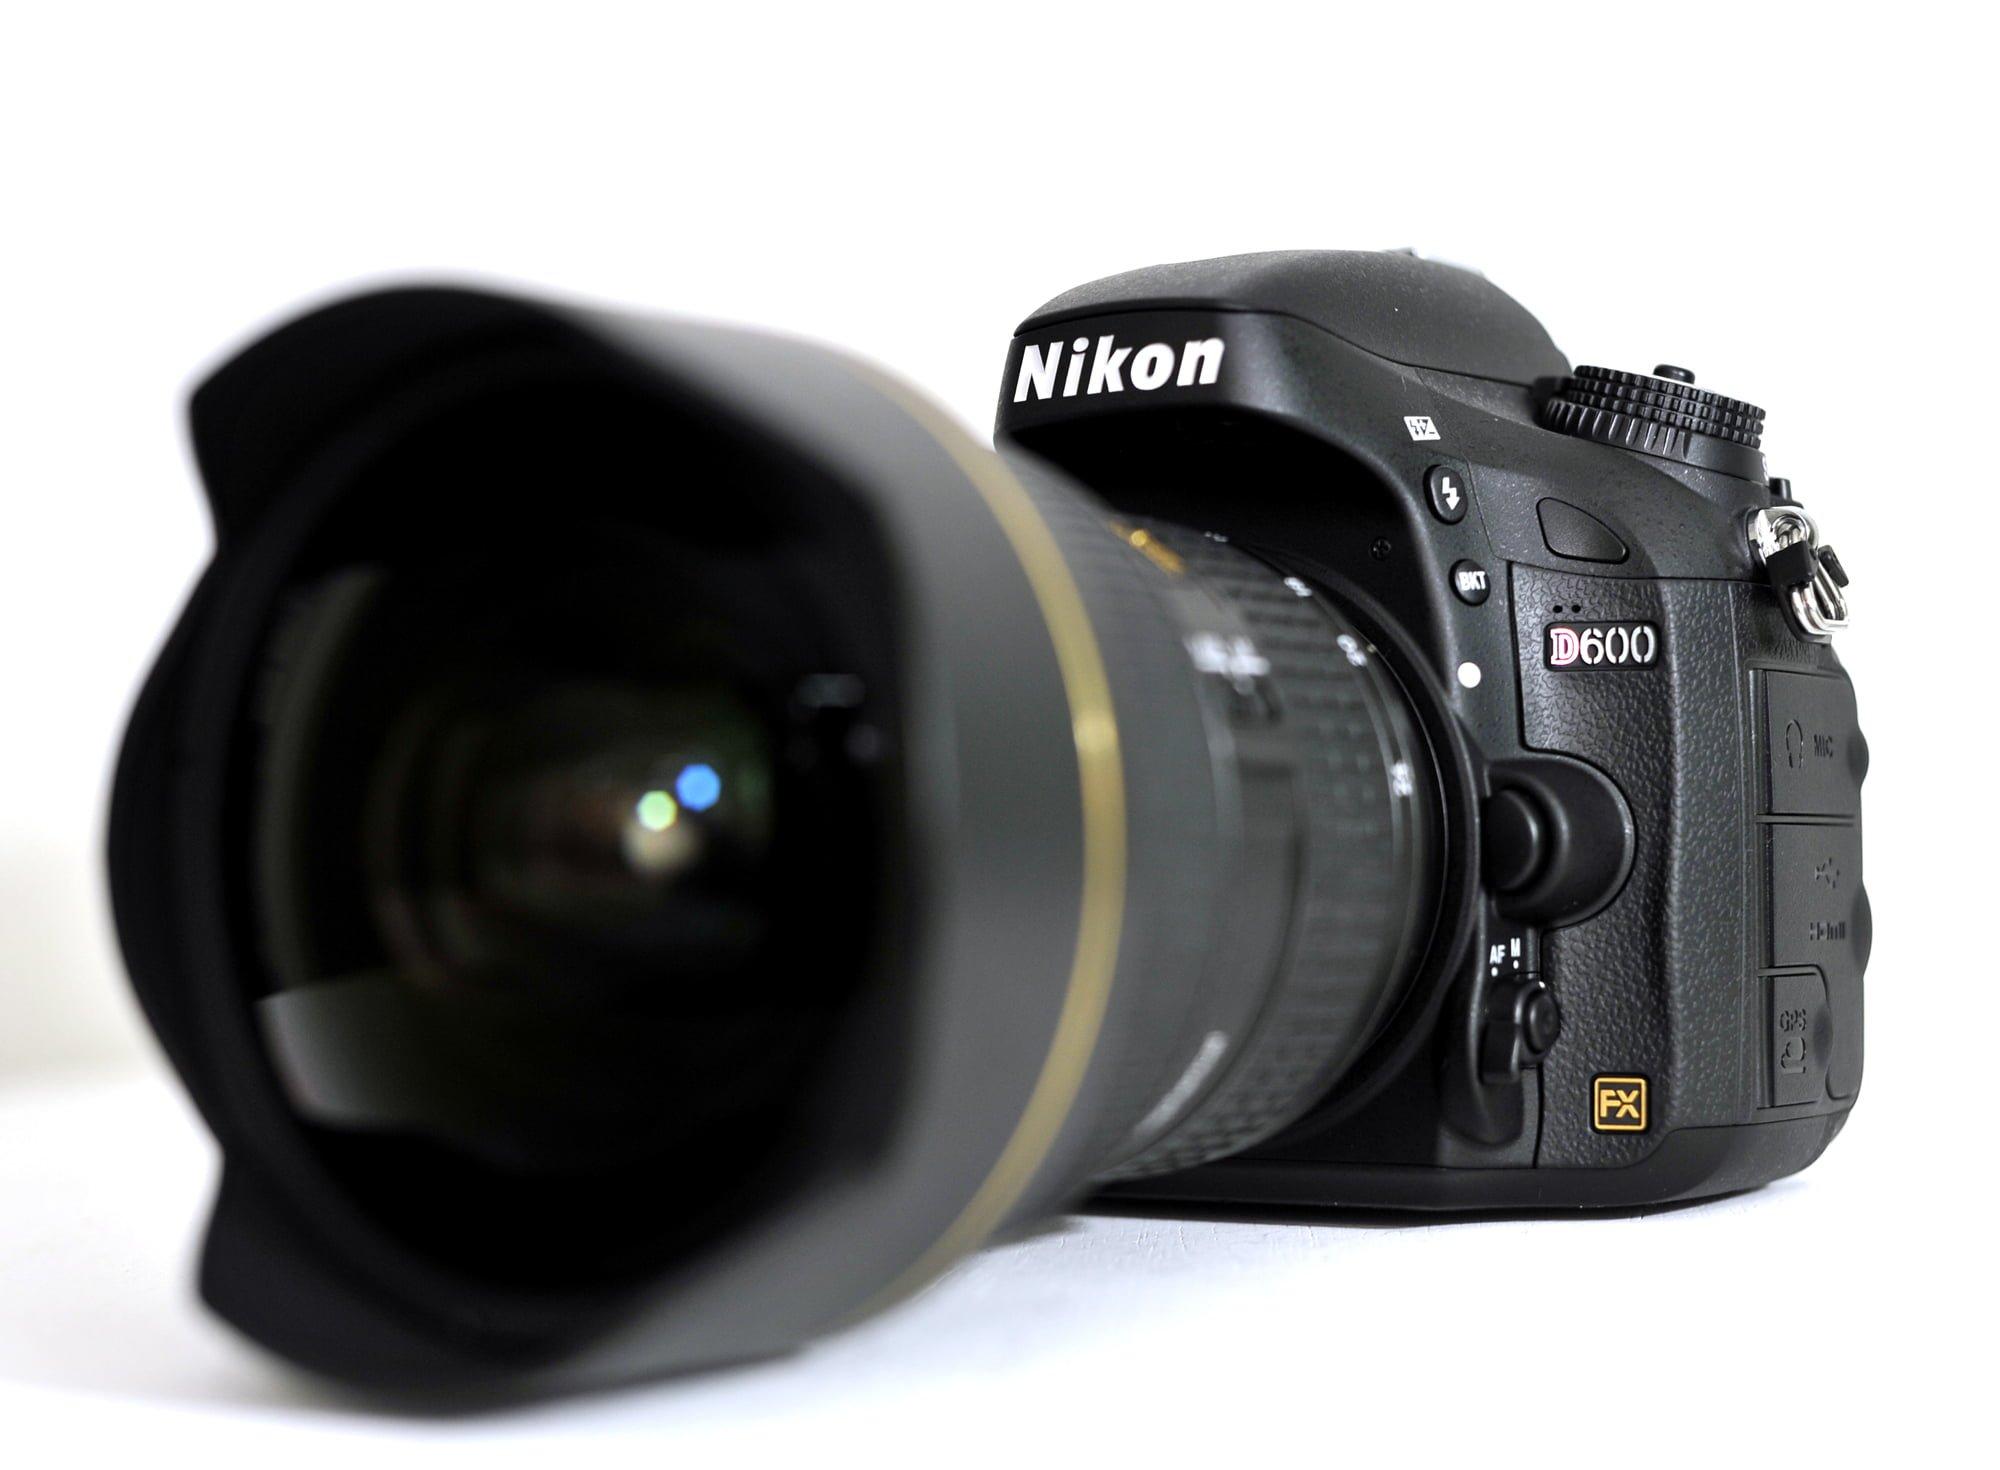 Nikon D7000 Picture Quality